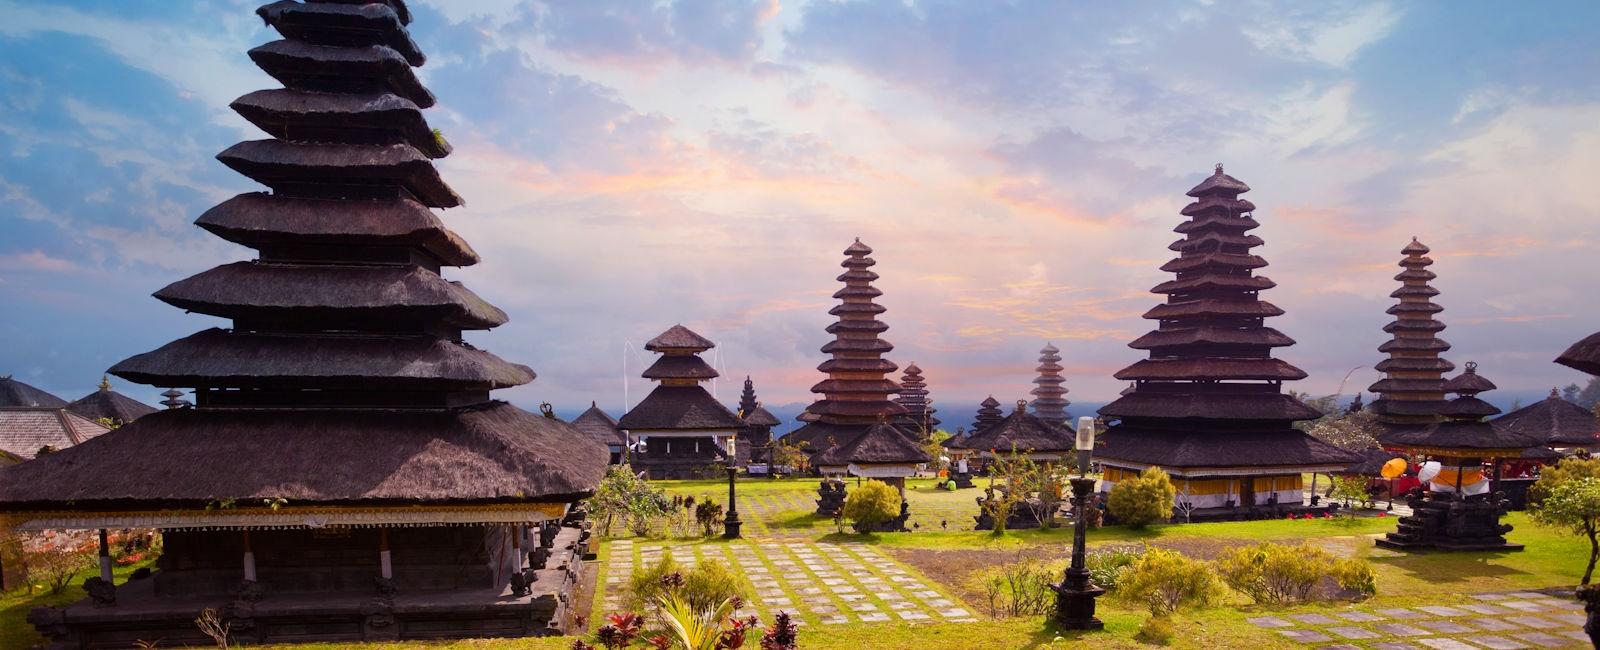 Bali, Main Image